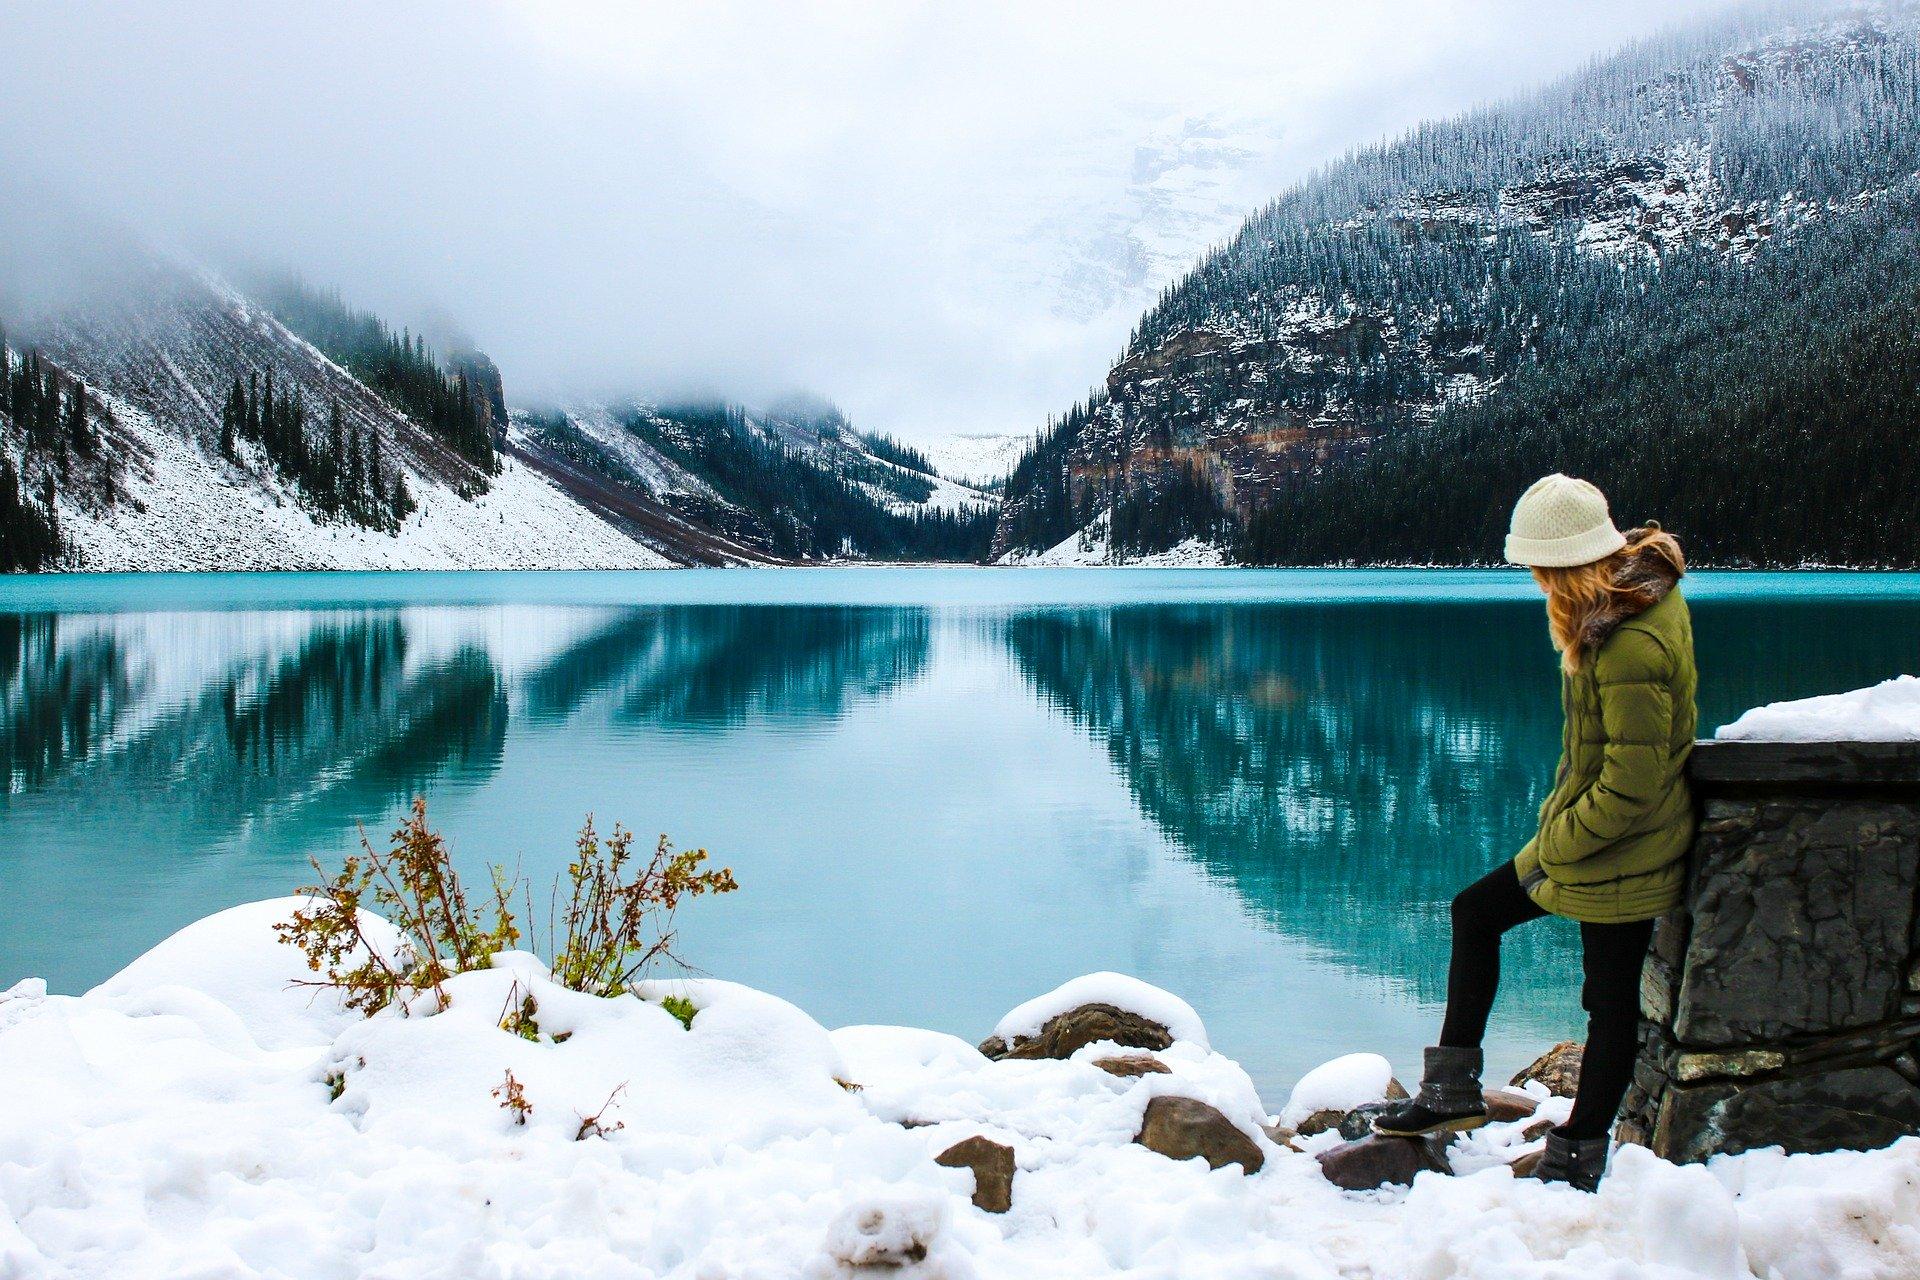 DODのワンポールテントは冬キャンプ向きではない?冬キャンプにはスカート必須!